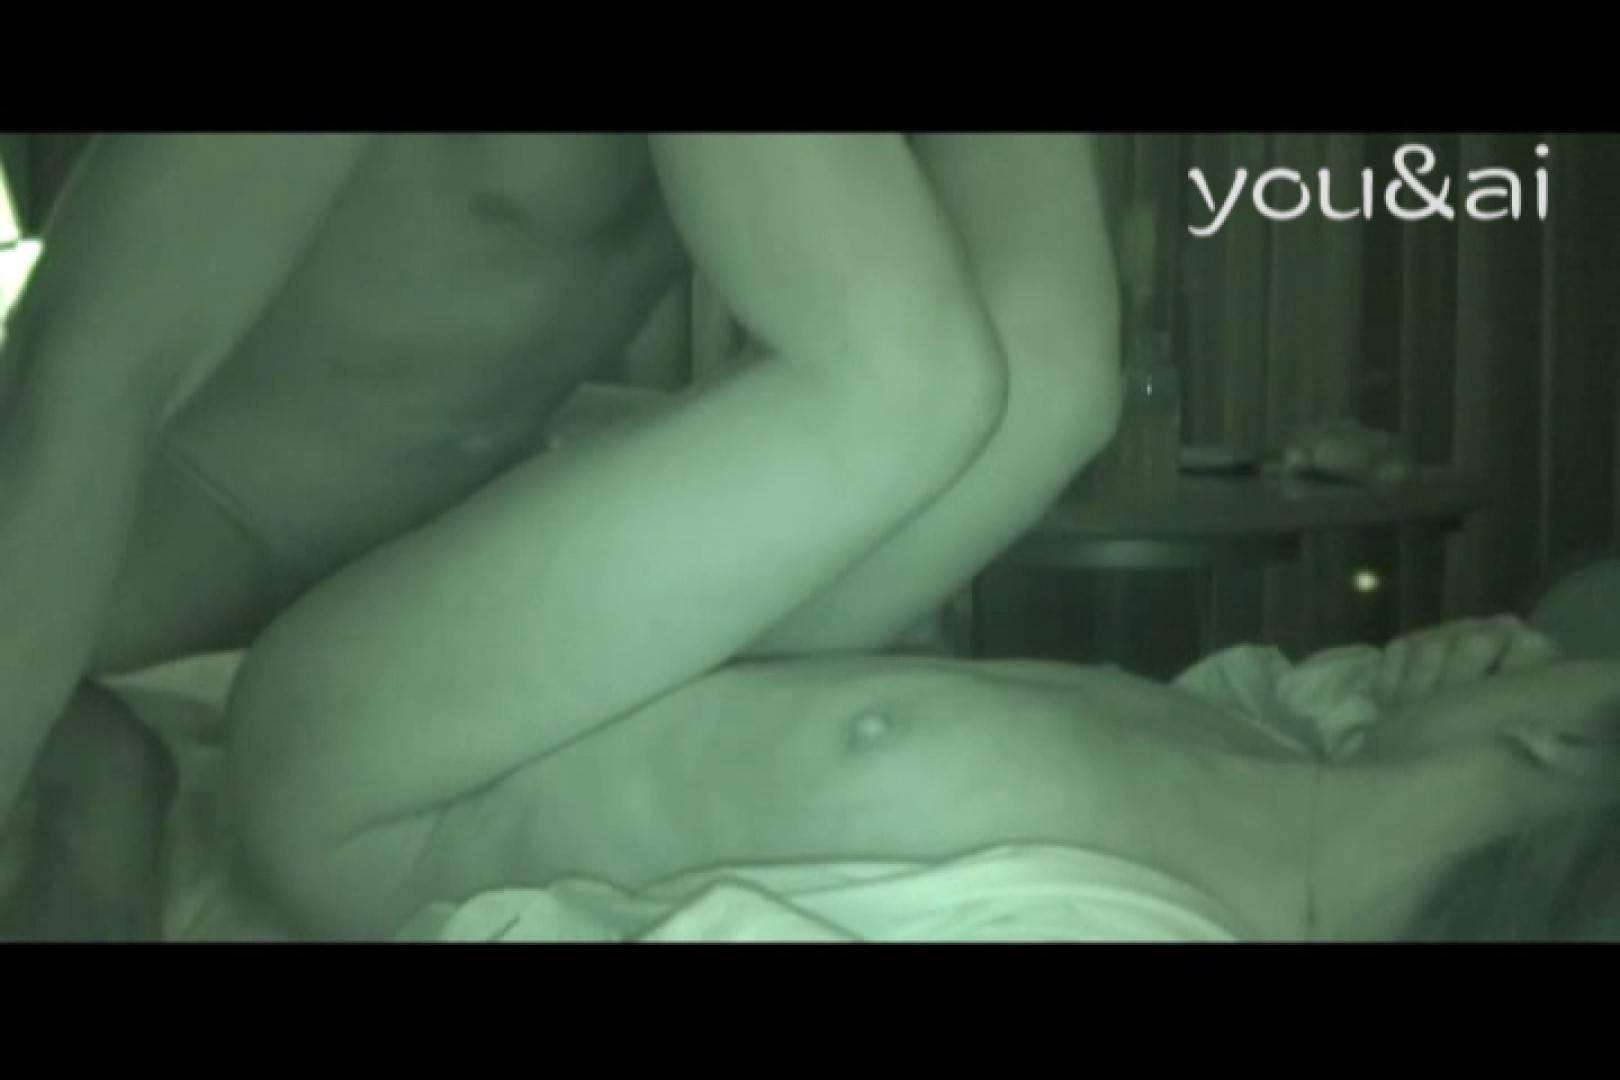 おしどり夫婦のyou&aiさん投稿作品vol.12 一般投稿 盗み撮り動画 81枚 14